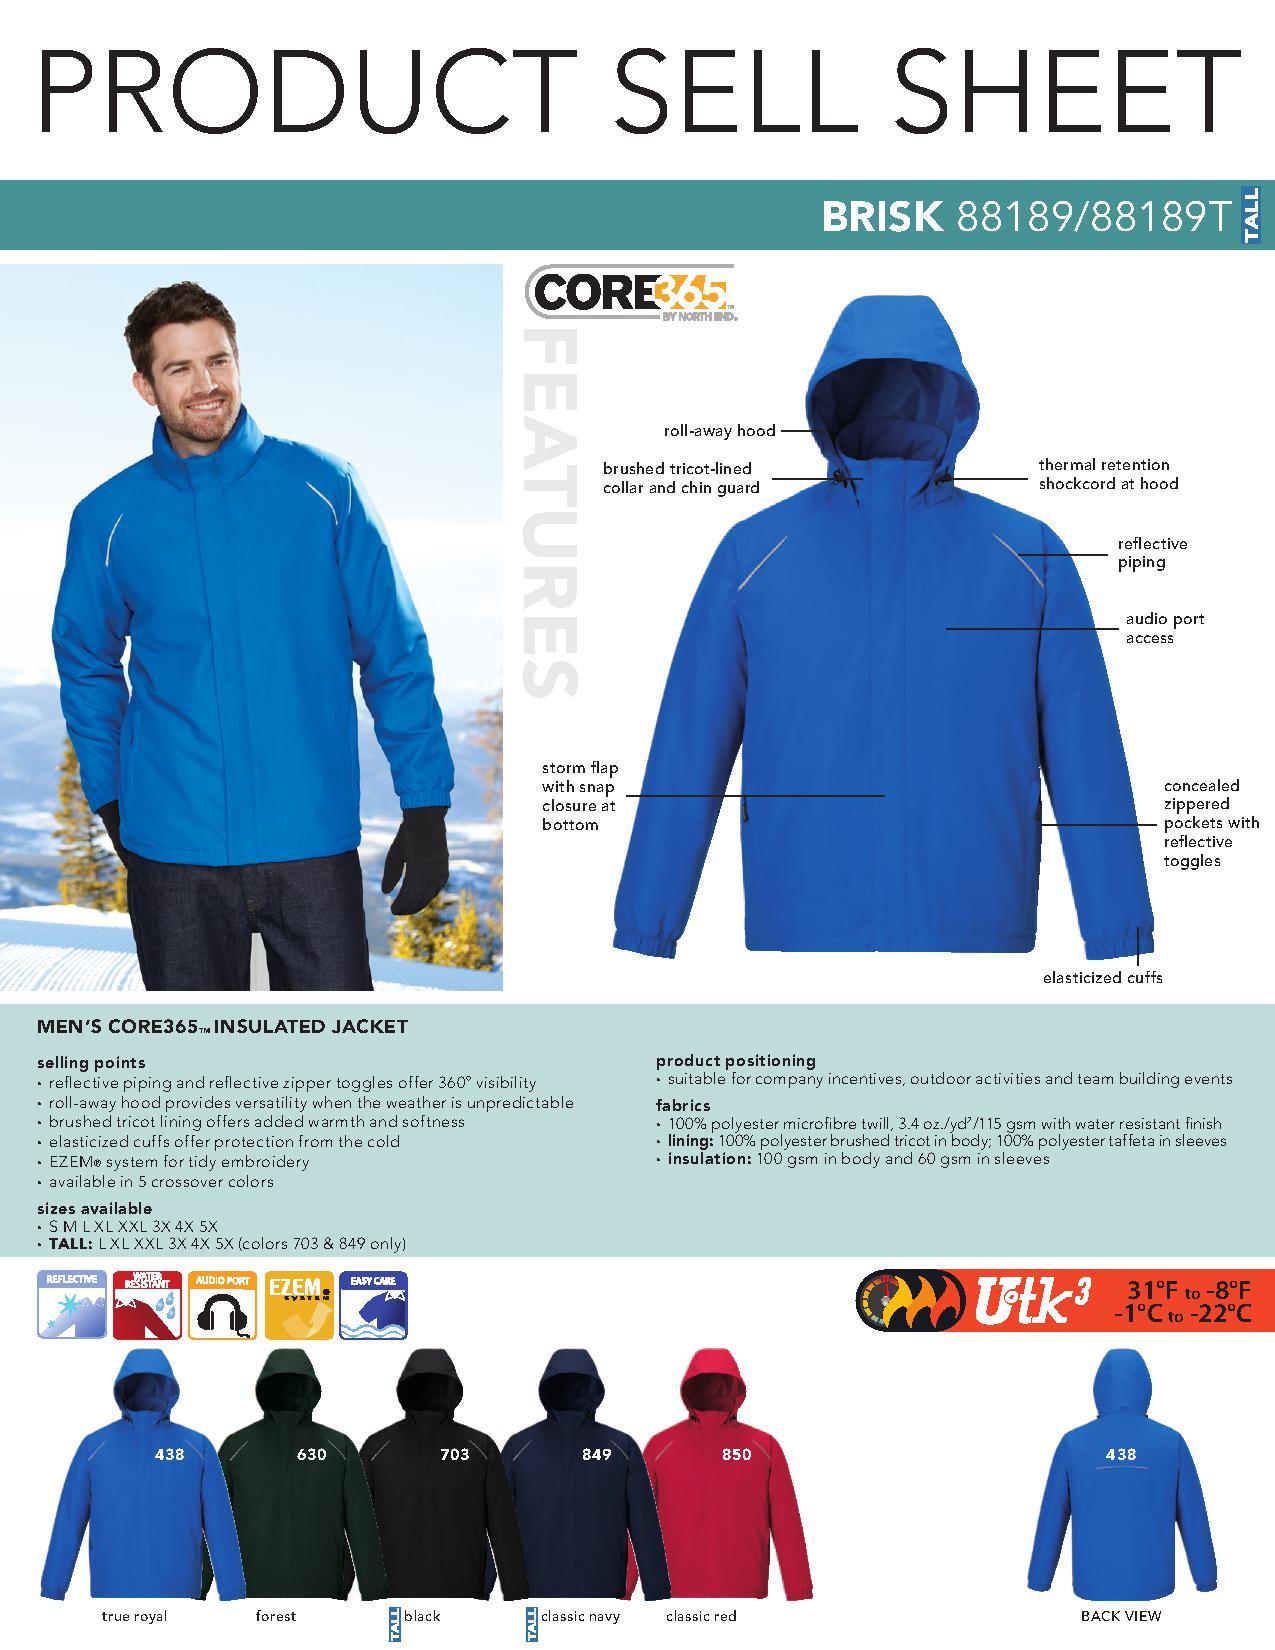 f00e24092ae Ash City Core365 88189T - Brisk Core365 Men's Insulated Jacket